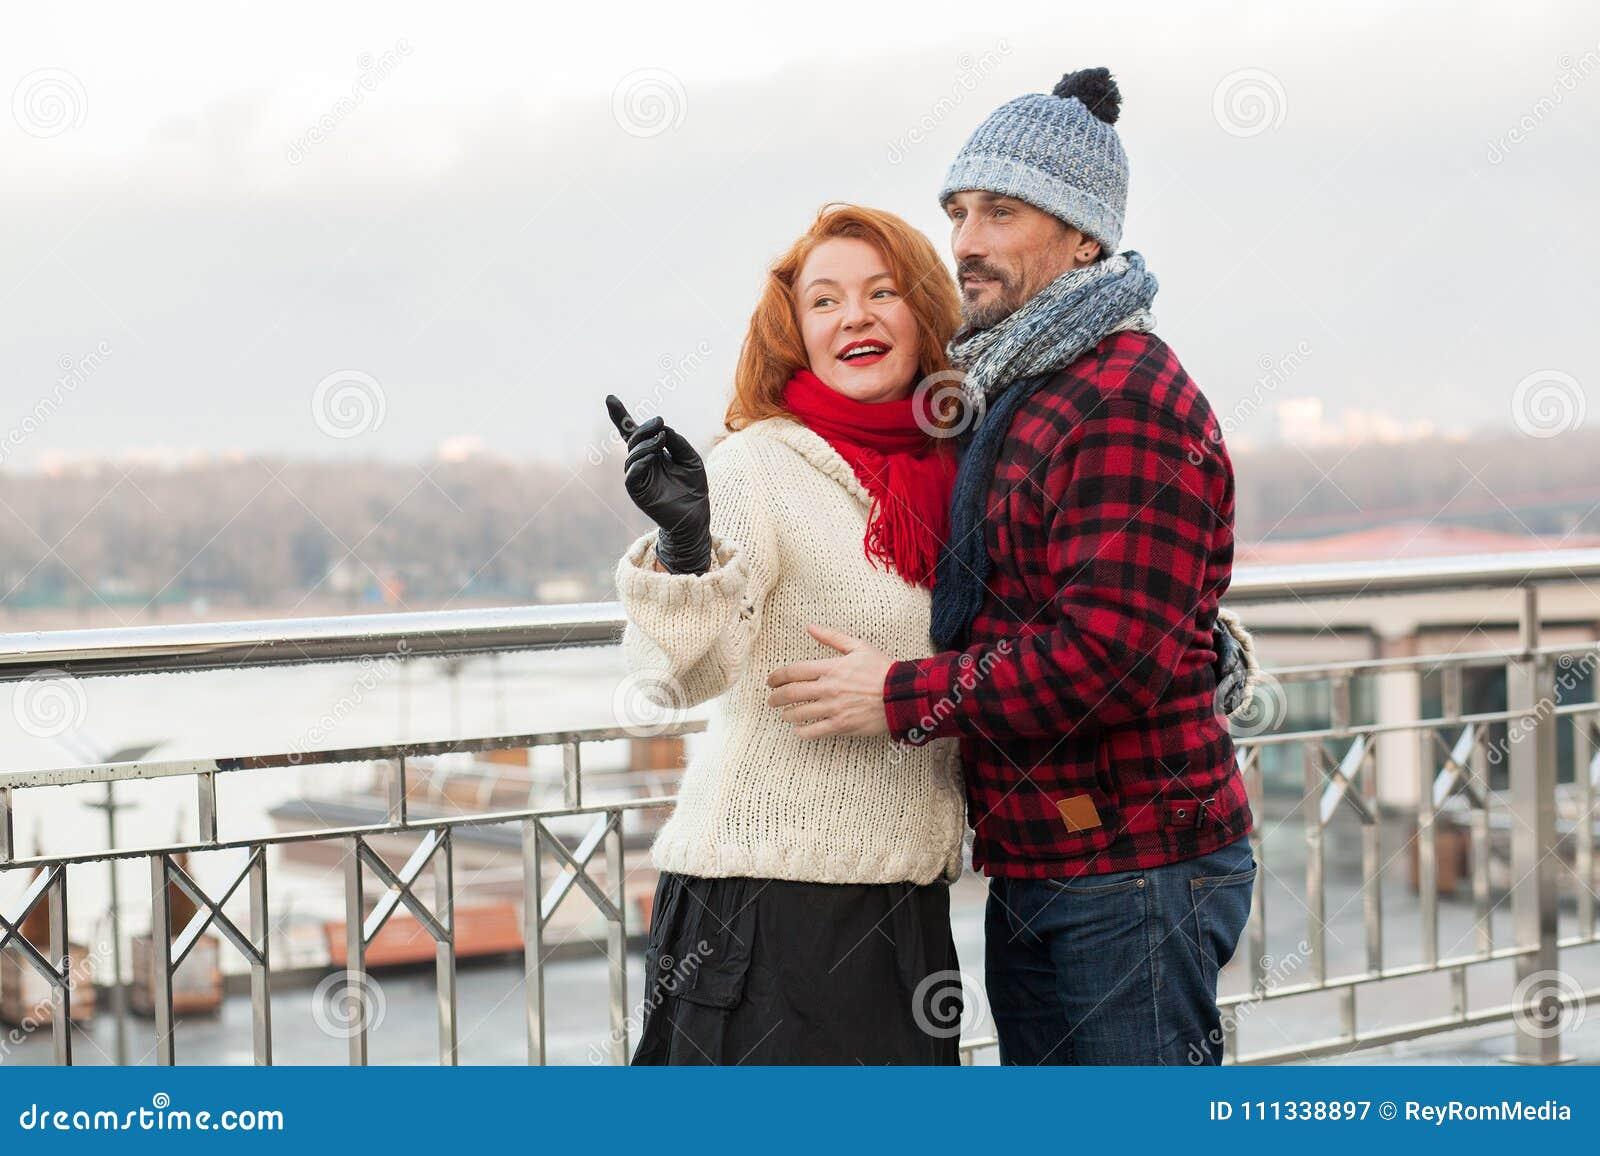 Girlfriend who looks like a boyfriend